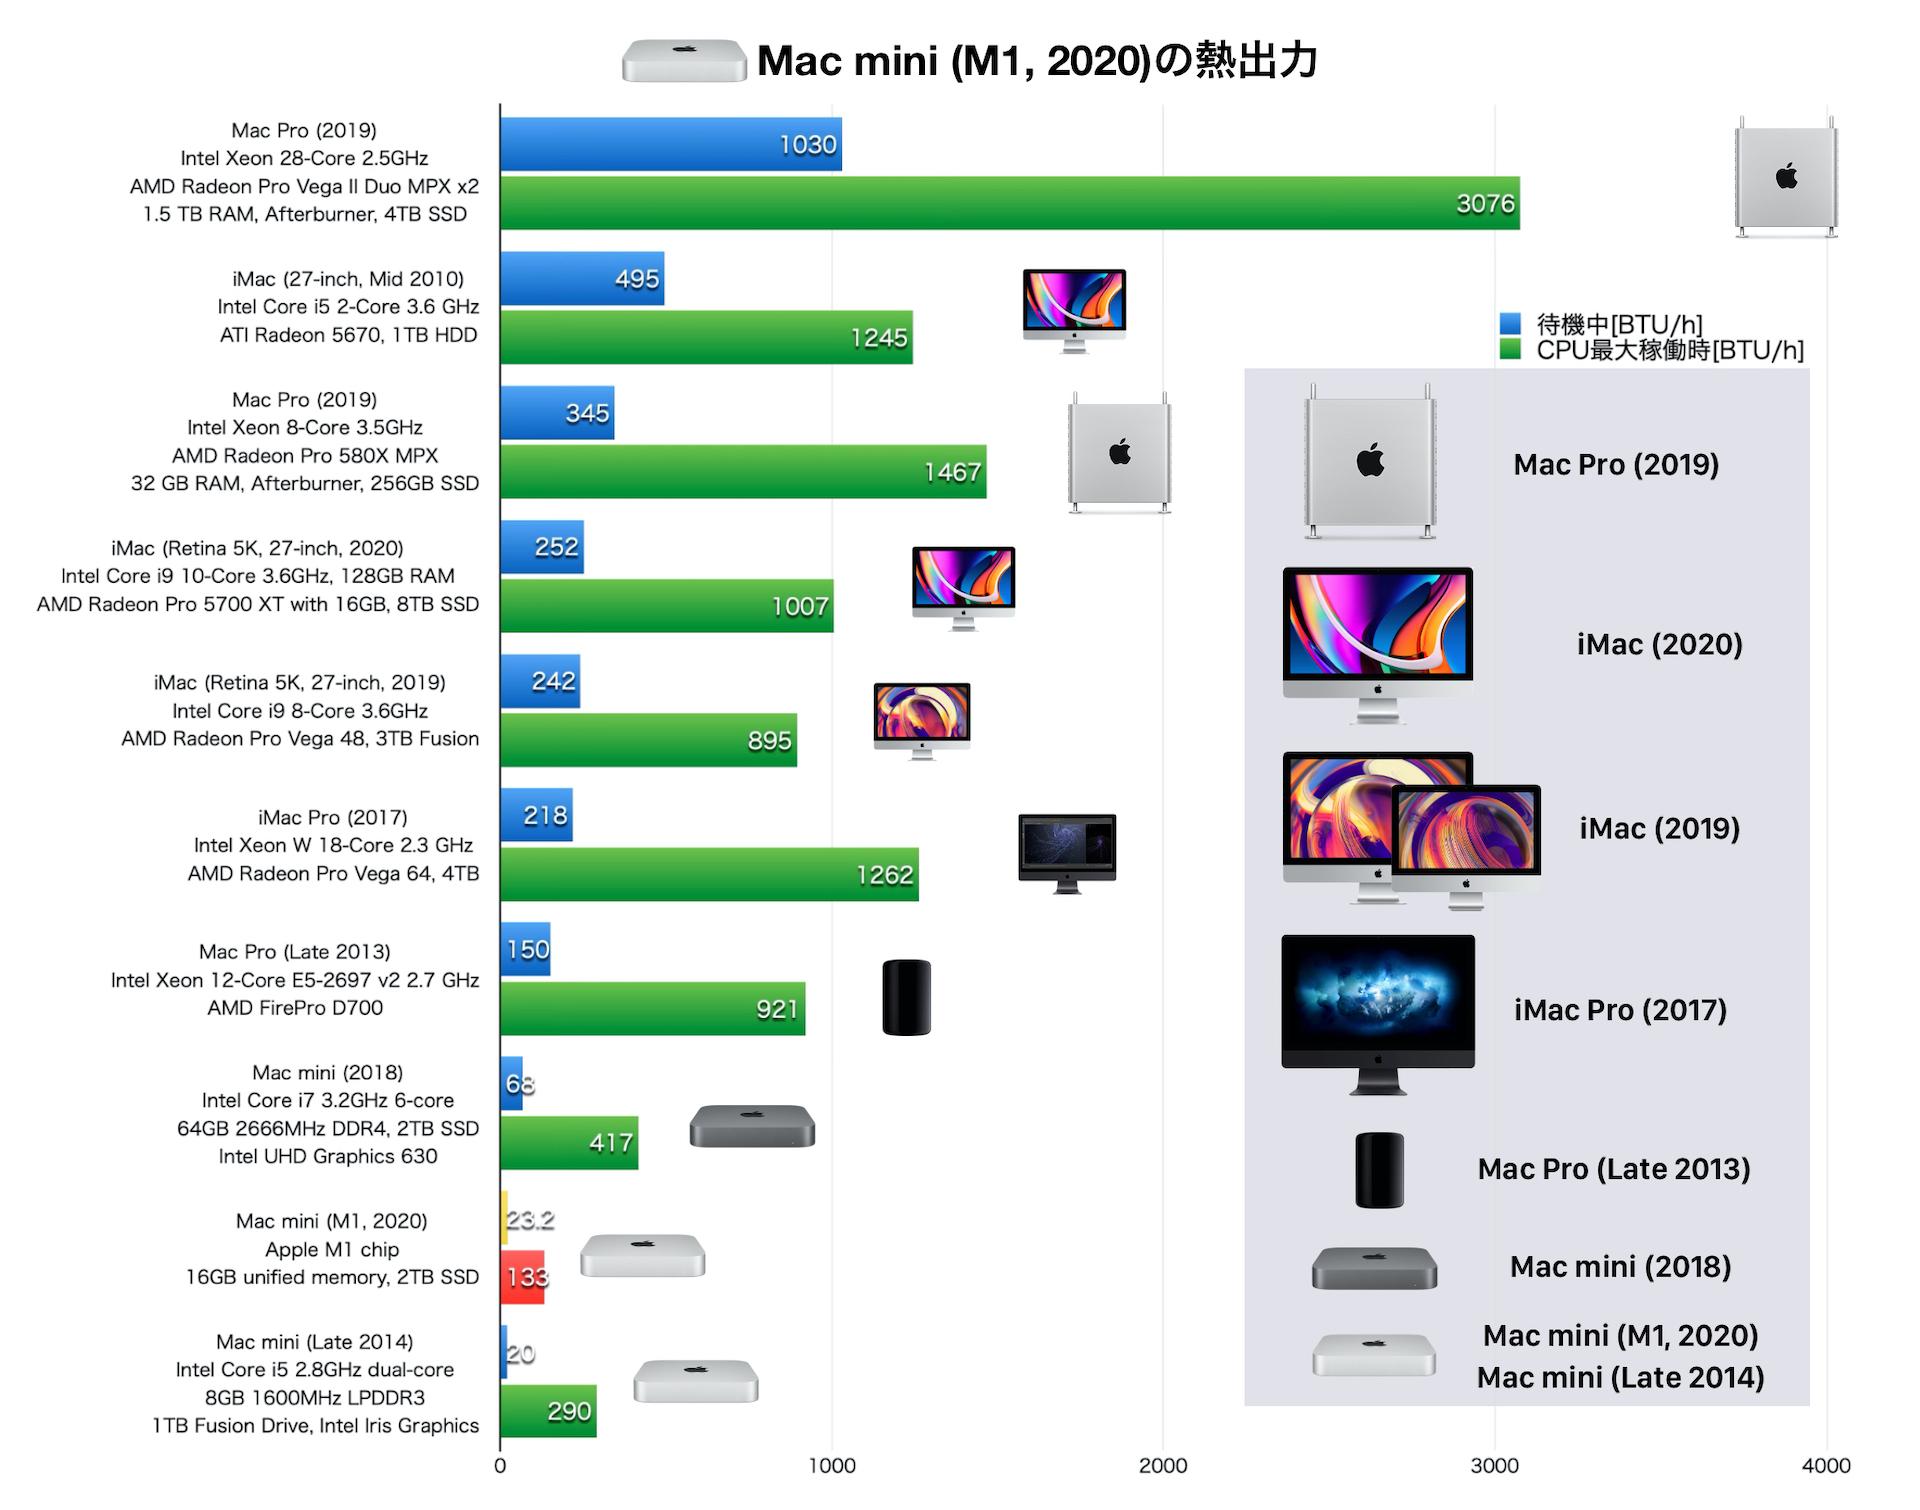 Mac mini (M1, 2020)の熱出力